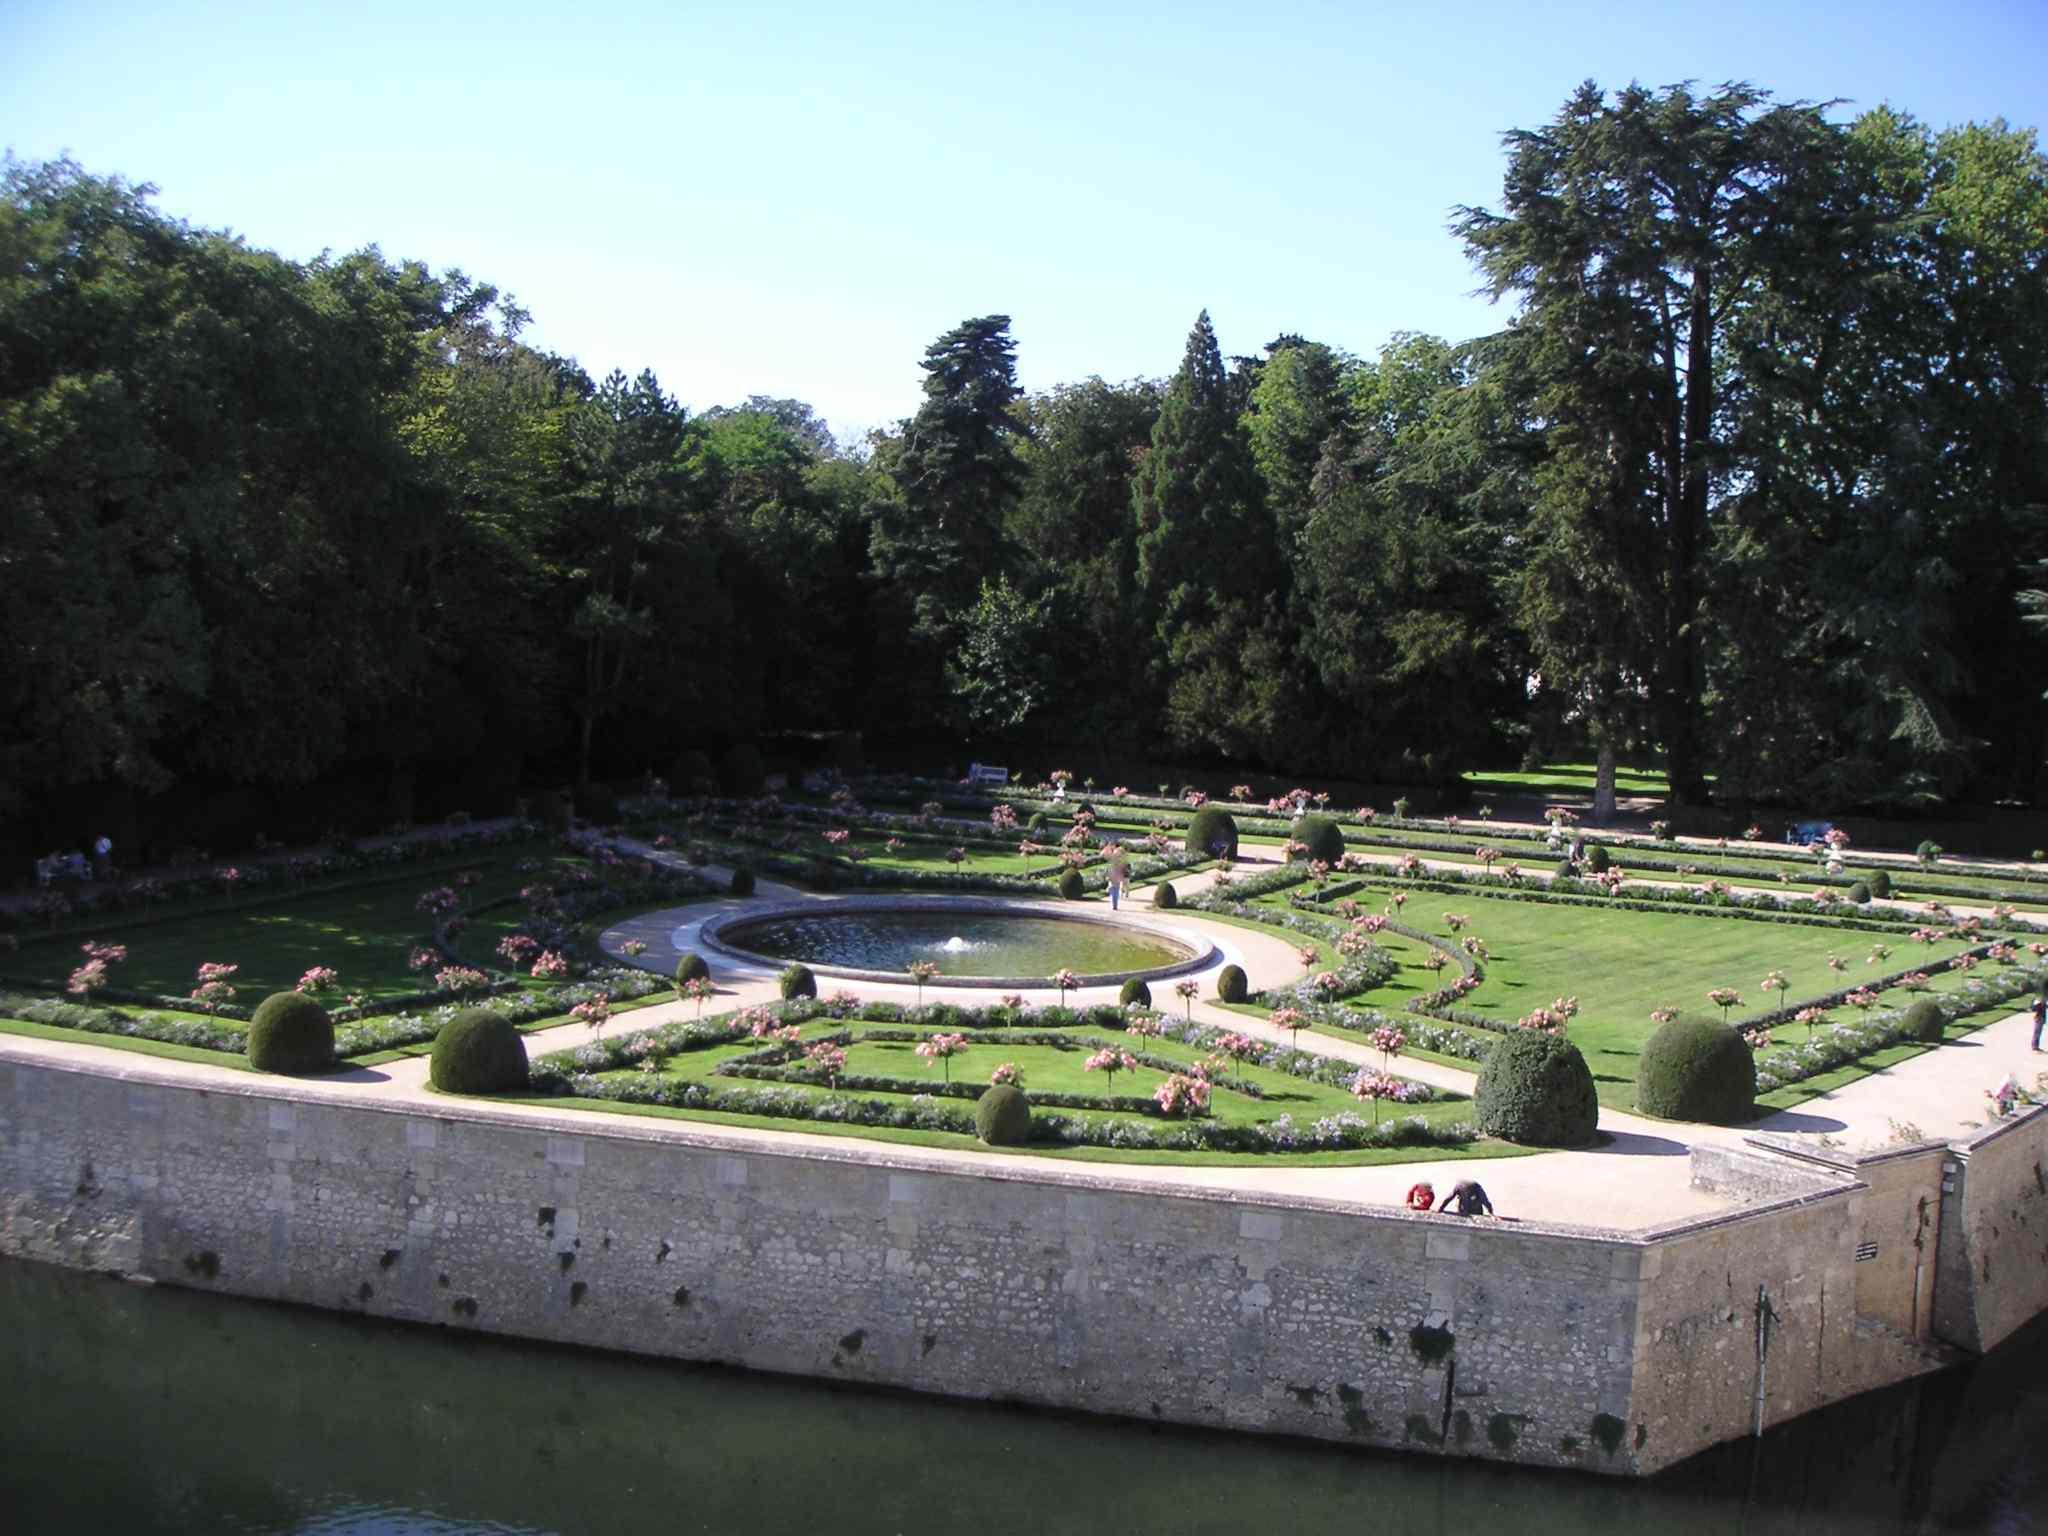 Chateau de chenonceau - Le jardin de catherine com ...